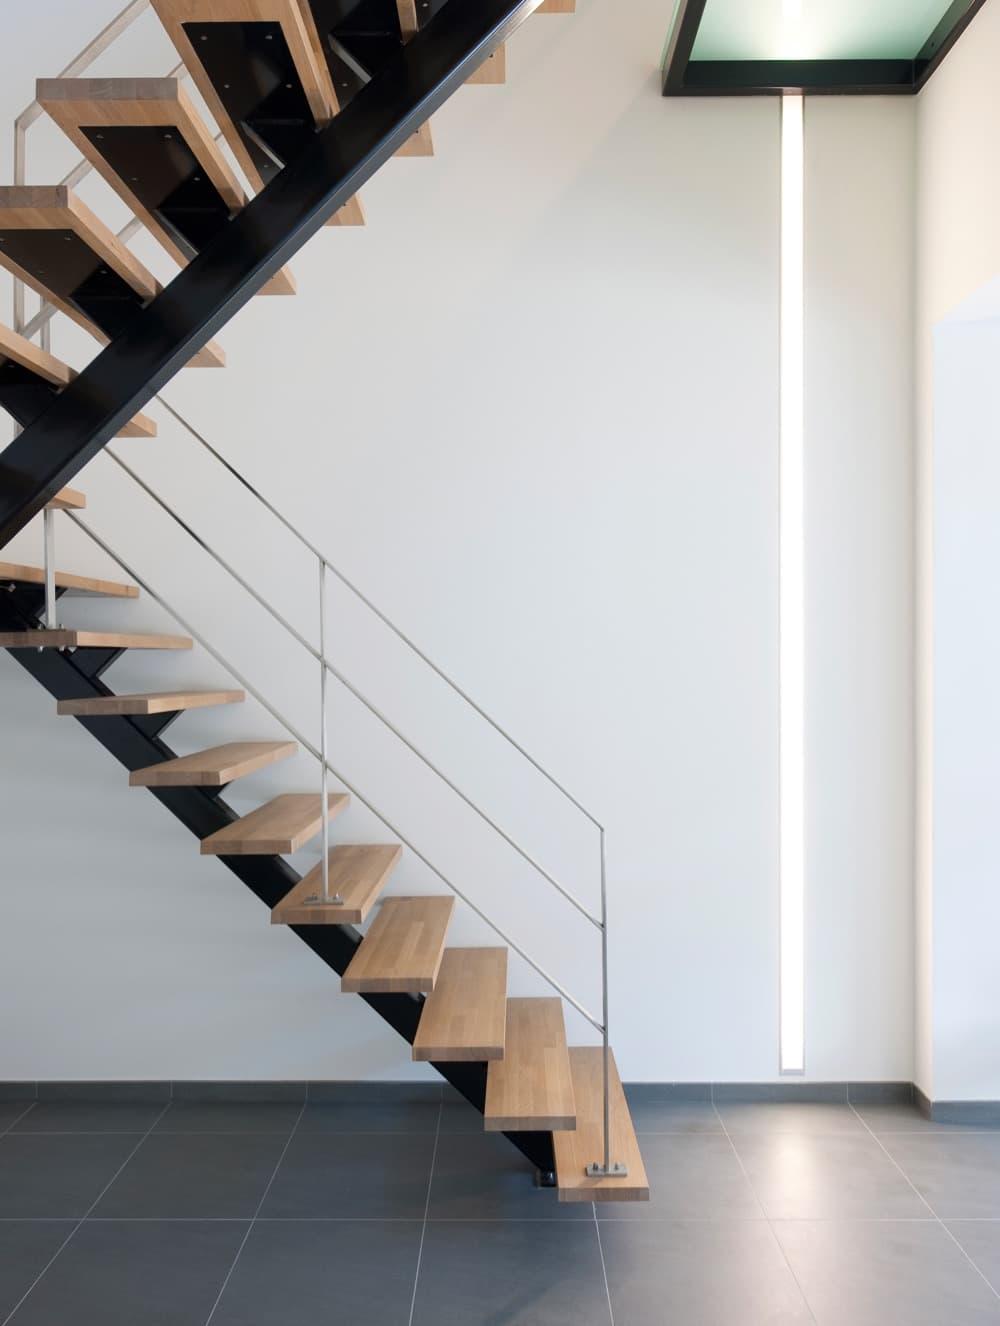 ati 9 | Baeyens & Beck architecten Gent | architect nieuwbouw renovatie interieur | high end | architectenbureau